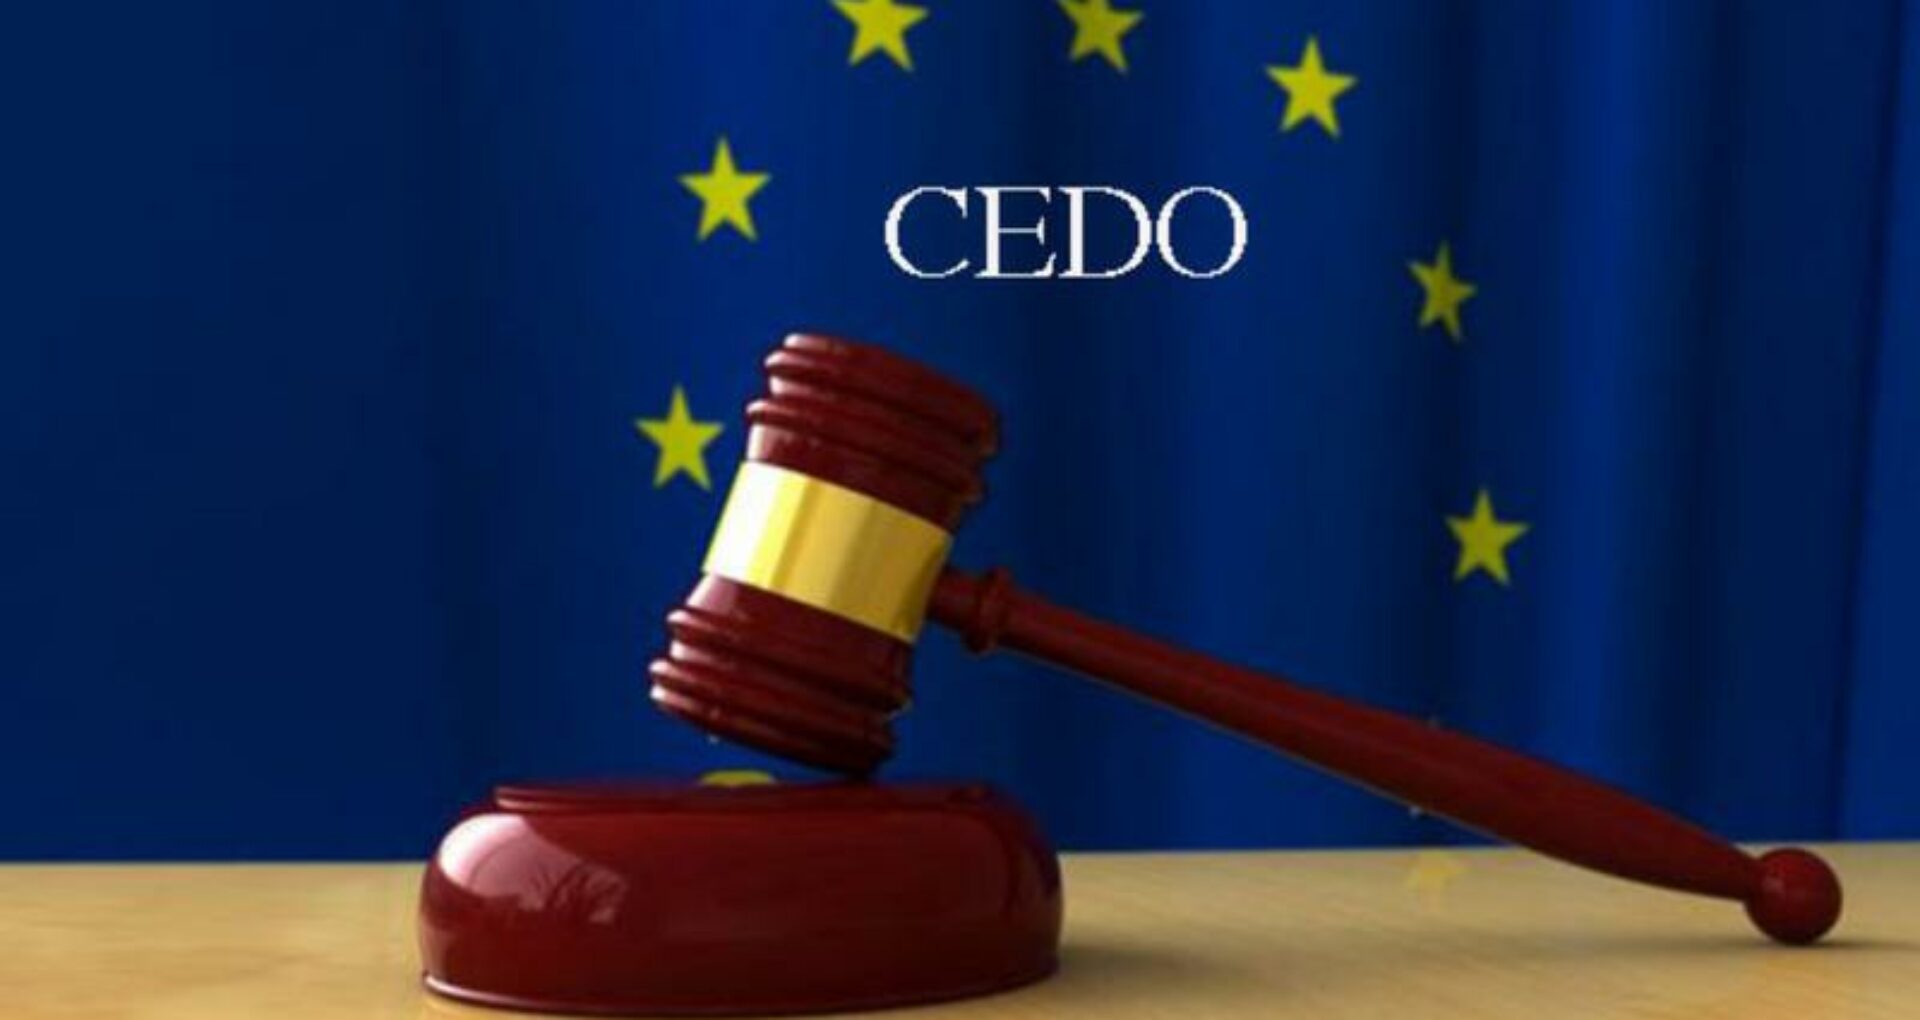 Regiunea transnistreană din nou în vizorul CtEDO: Alte două cauze privind încălcarea drepturilor omului în stânga Nistrului, comunicate autorităților